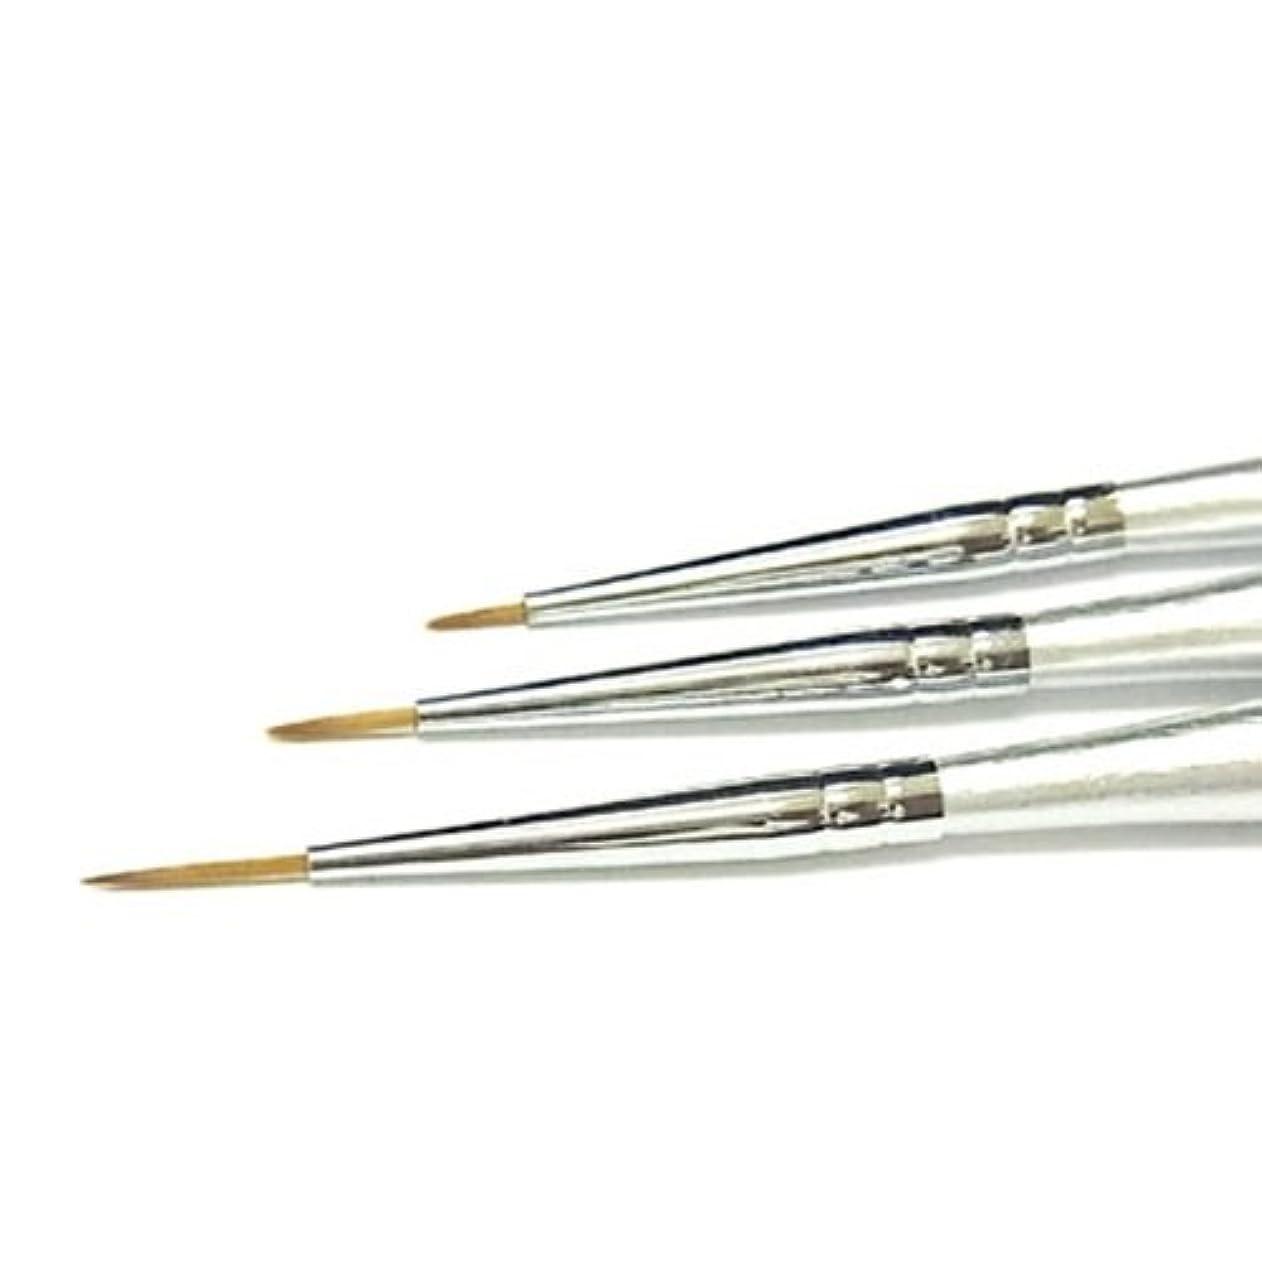 ワードローブビュッフェアーチジェルネイル用 アートブラシ3種セット アートや細かな作業に便利?